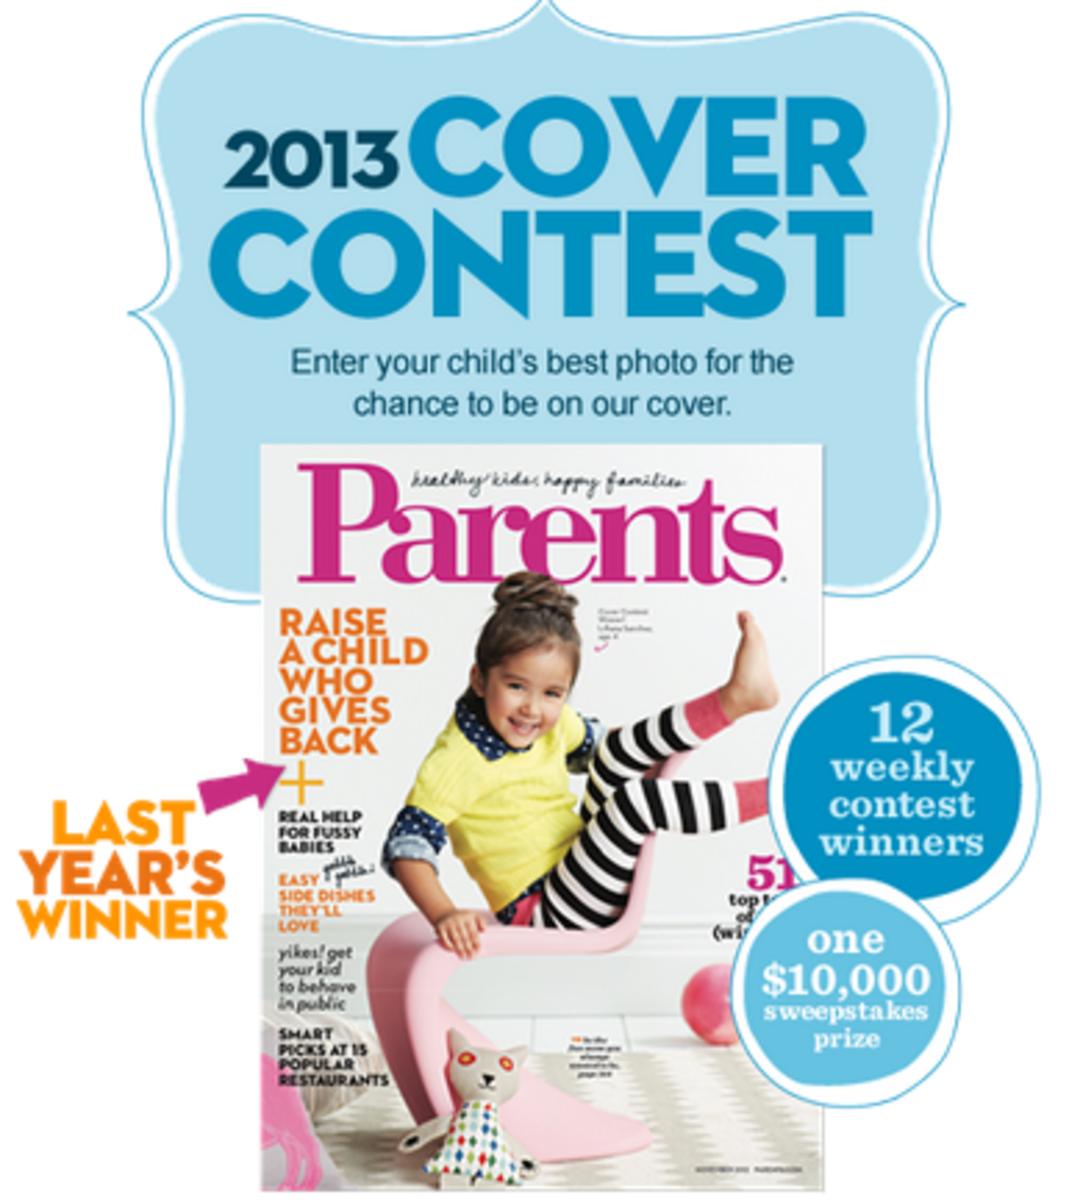 Parents Contest